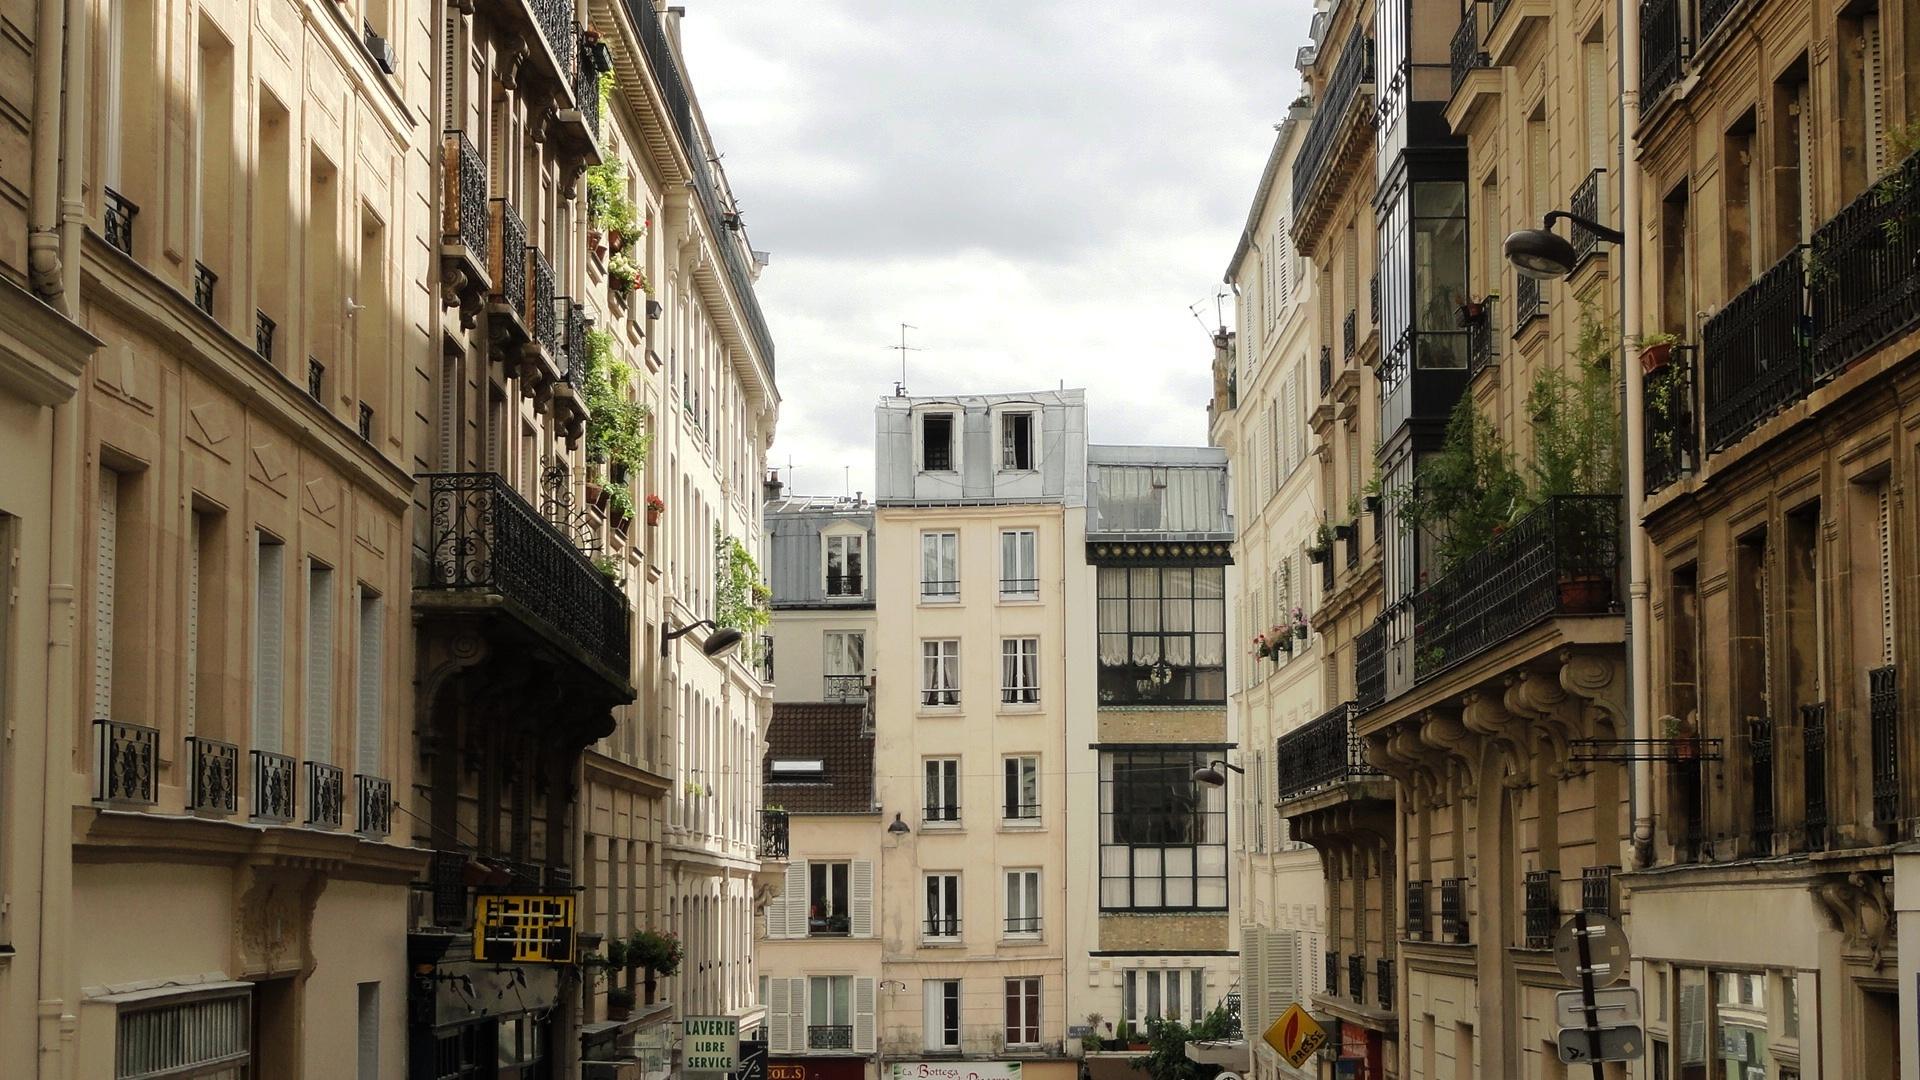 Balade dans Montmartre et les Abbesses  - Rue Burq